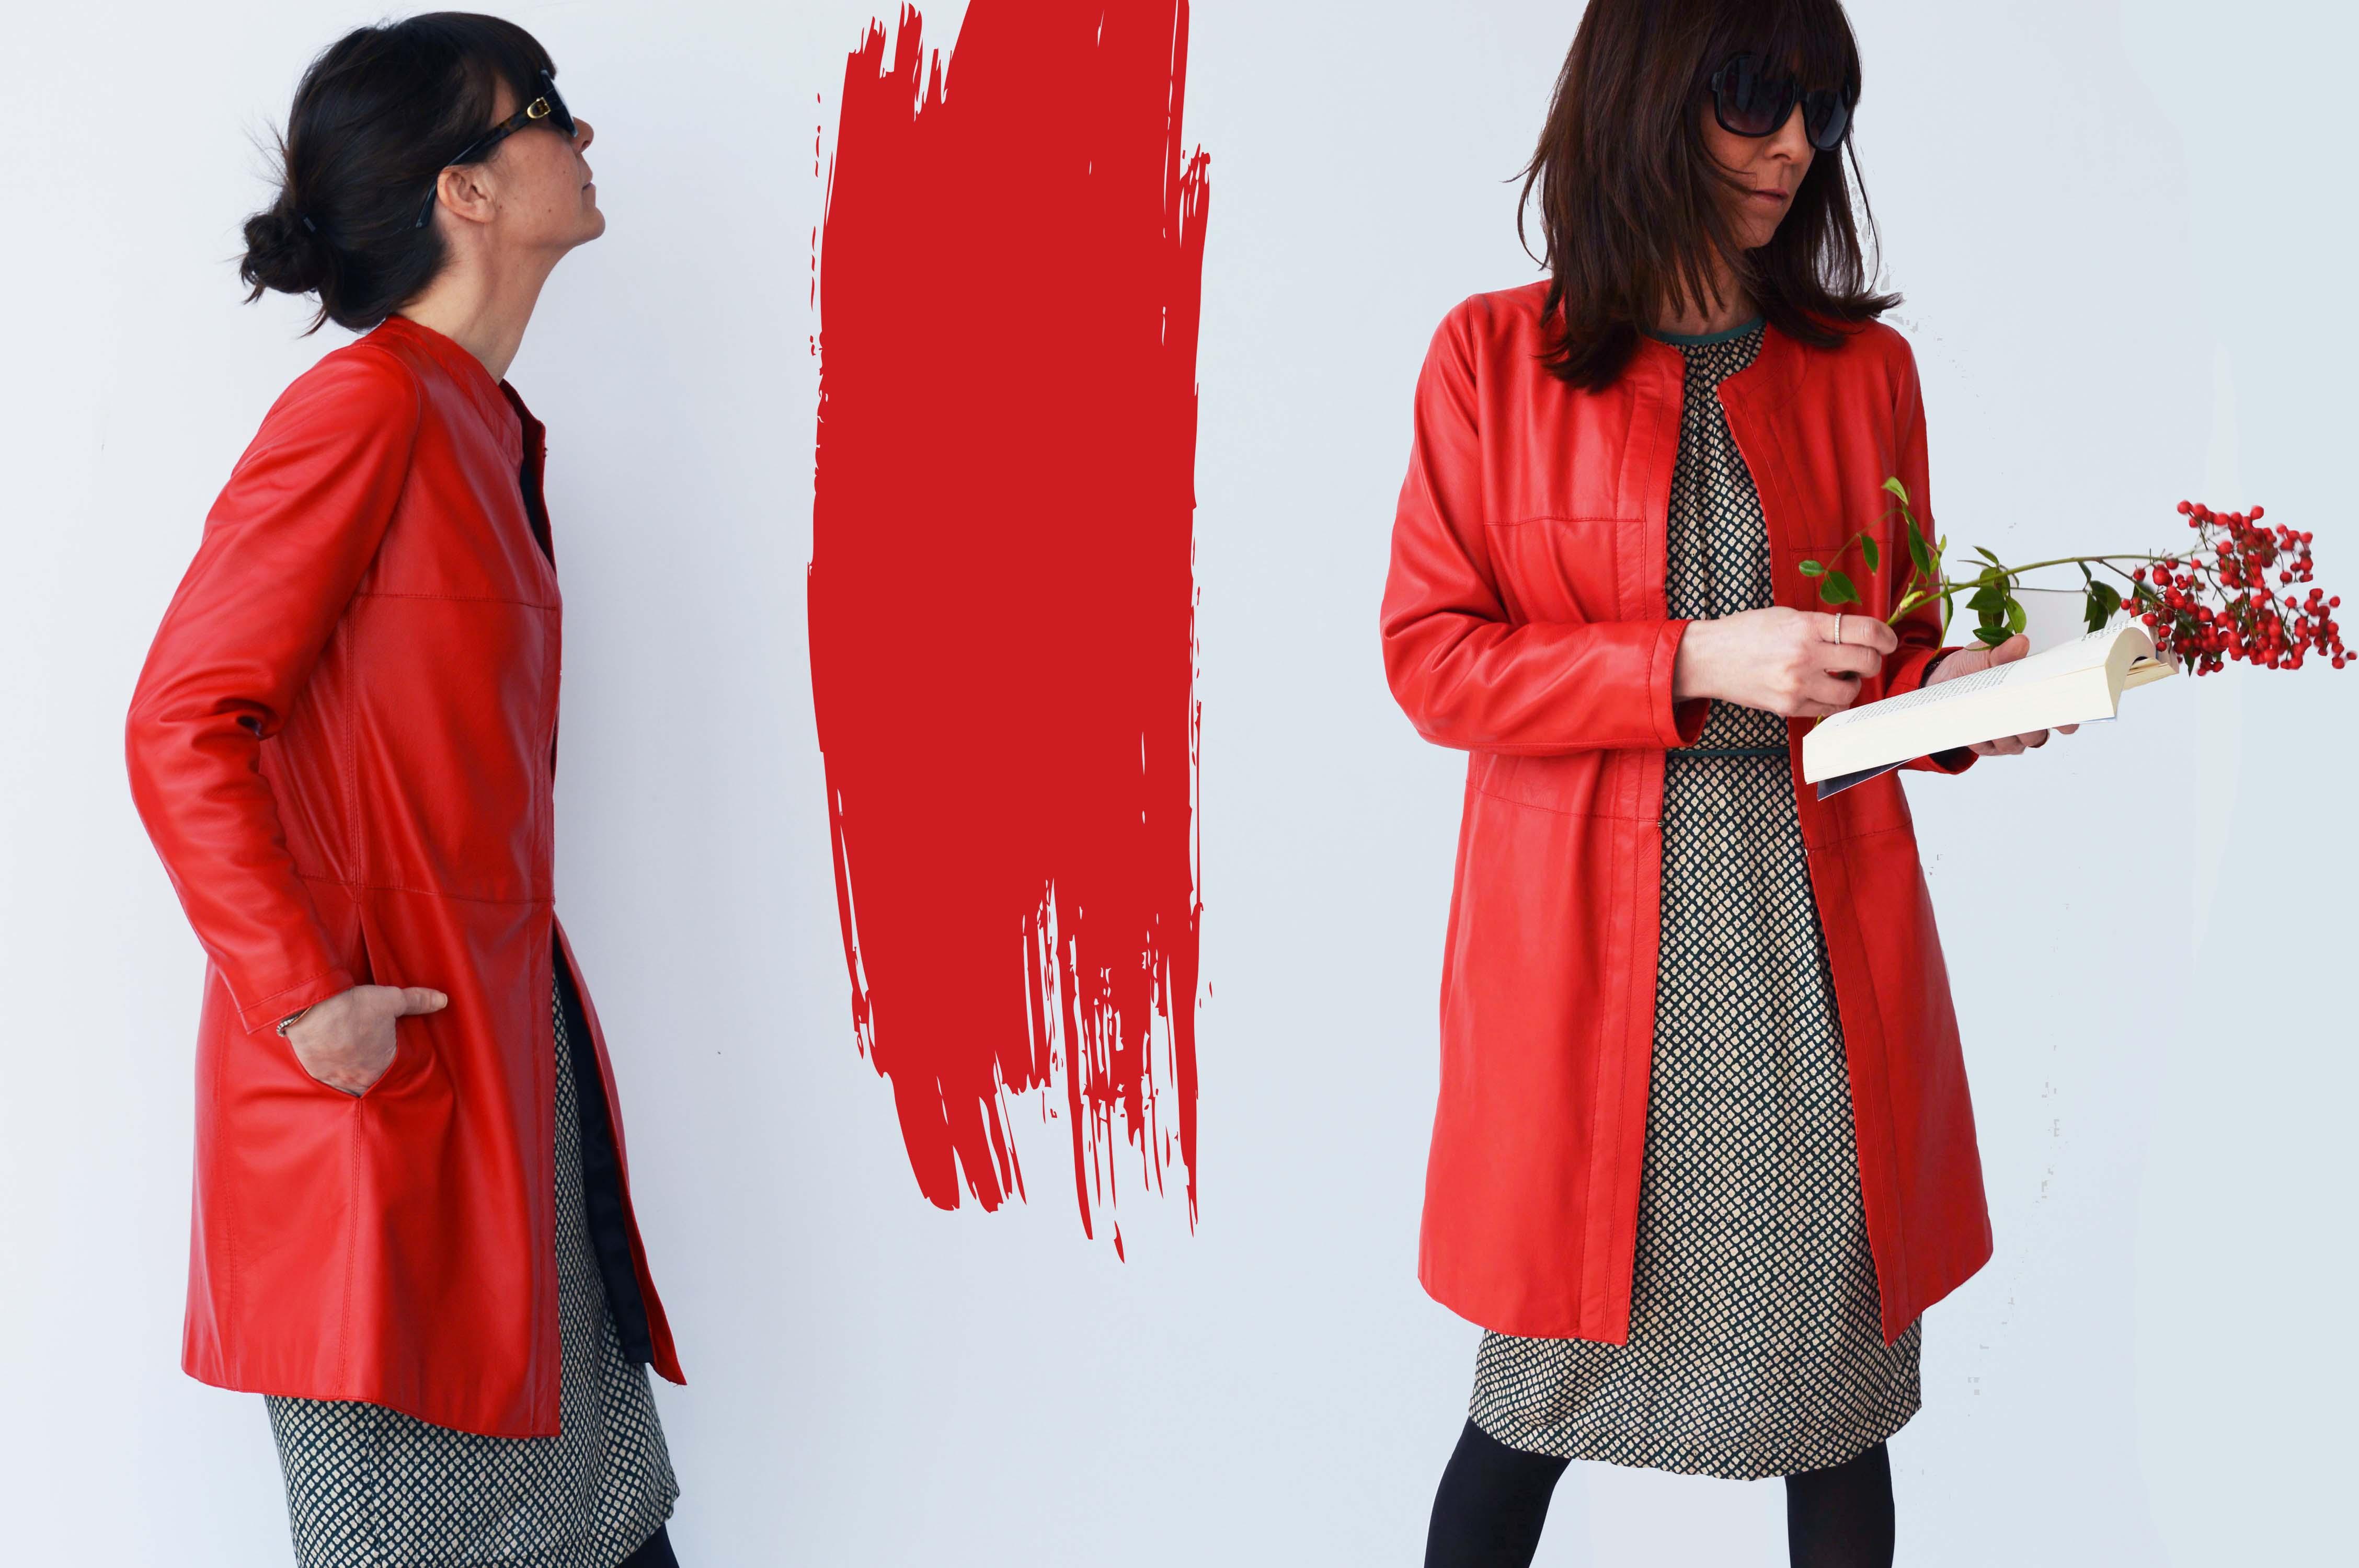 the latest ed0b0 520f3 Giacca di pelle rossa: seduzione e fascino di primavera